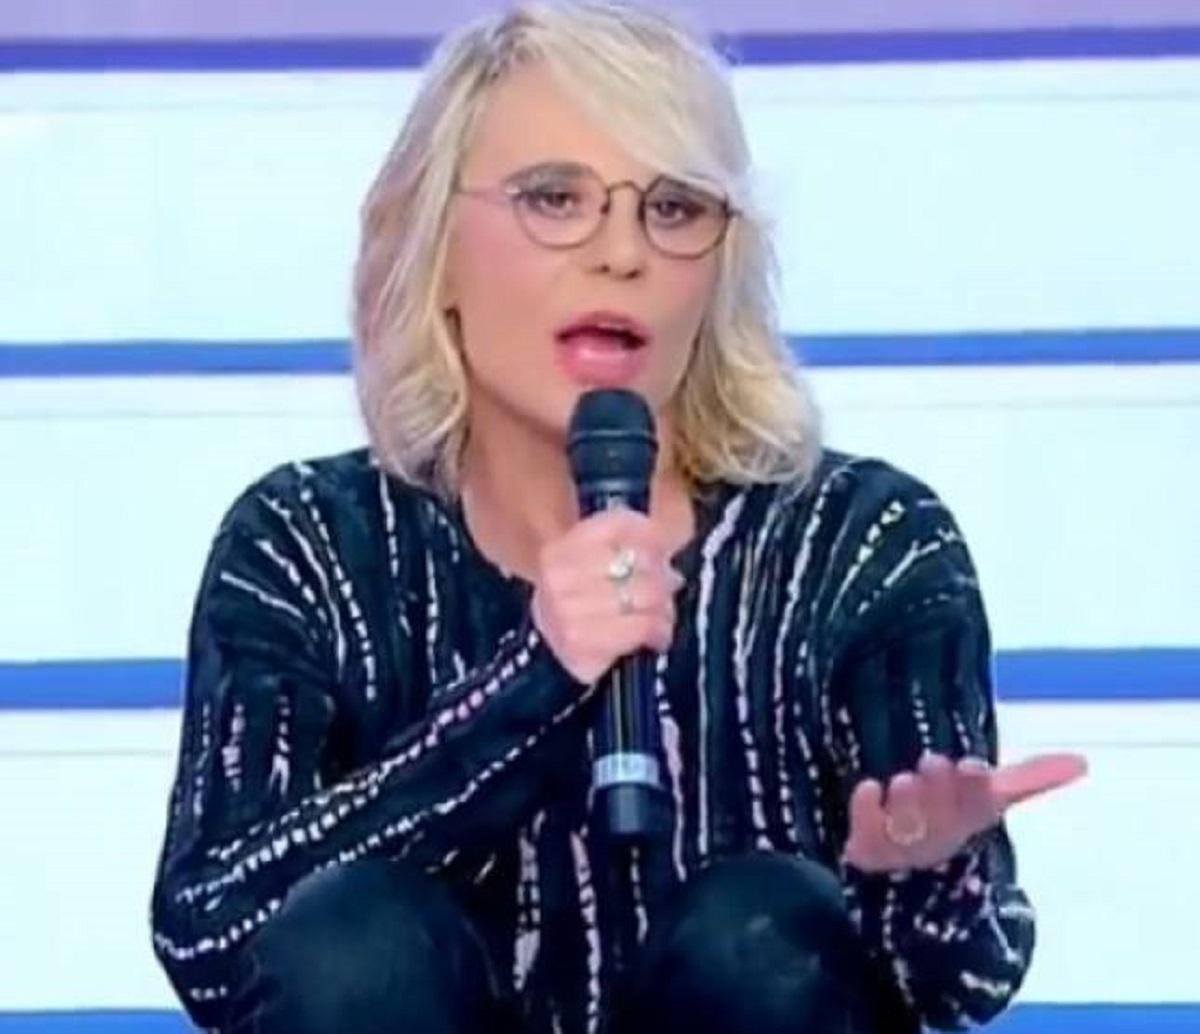 Maria De Filippi Samantha Curcio verità conduttrice Uomini e Donne